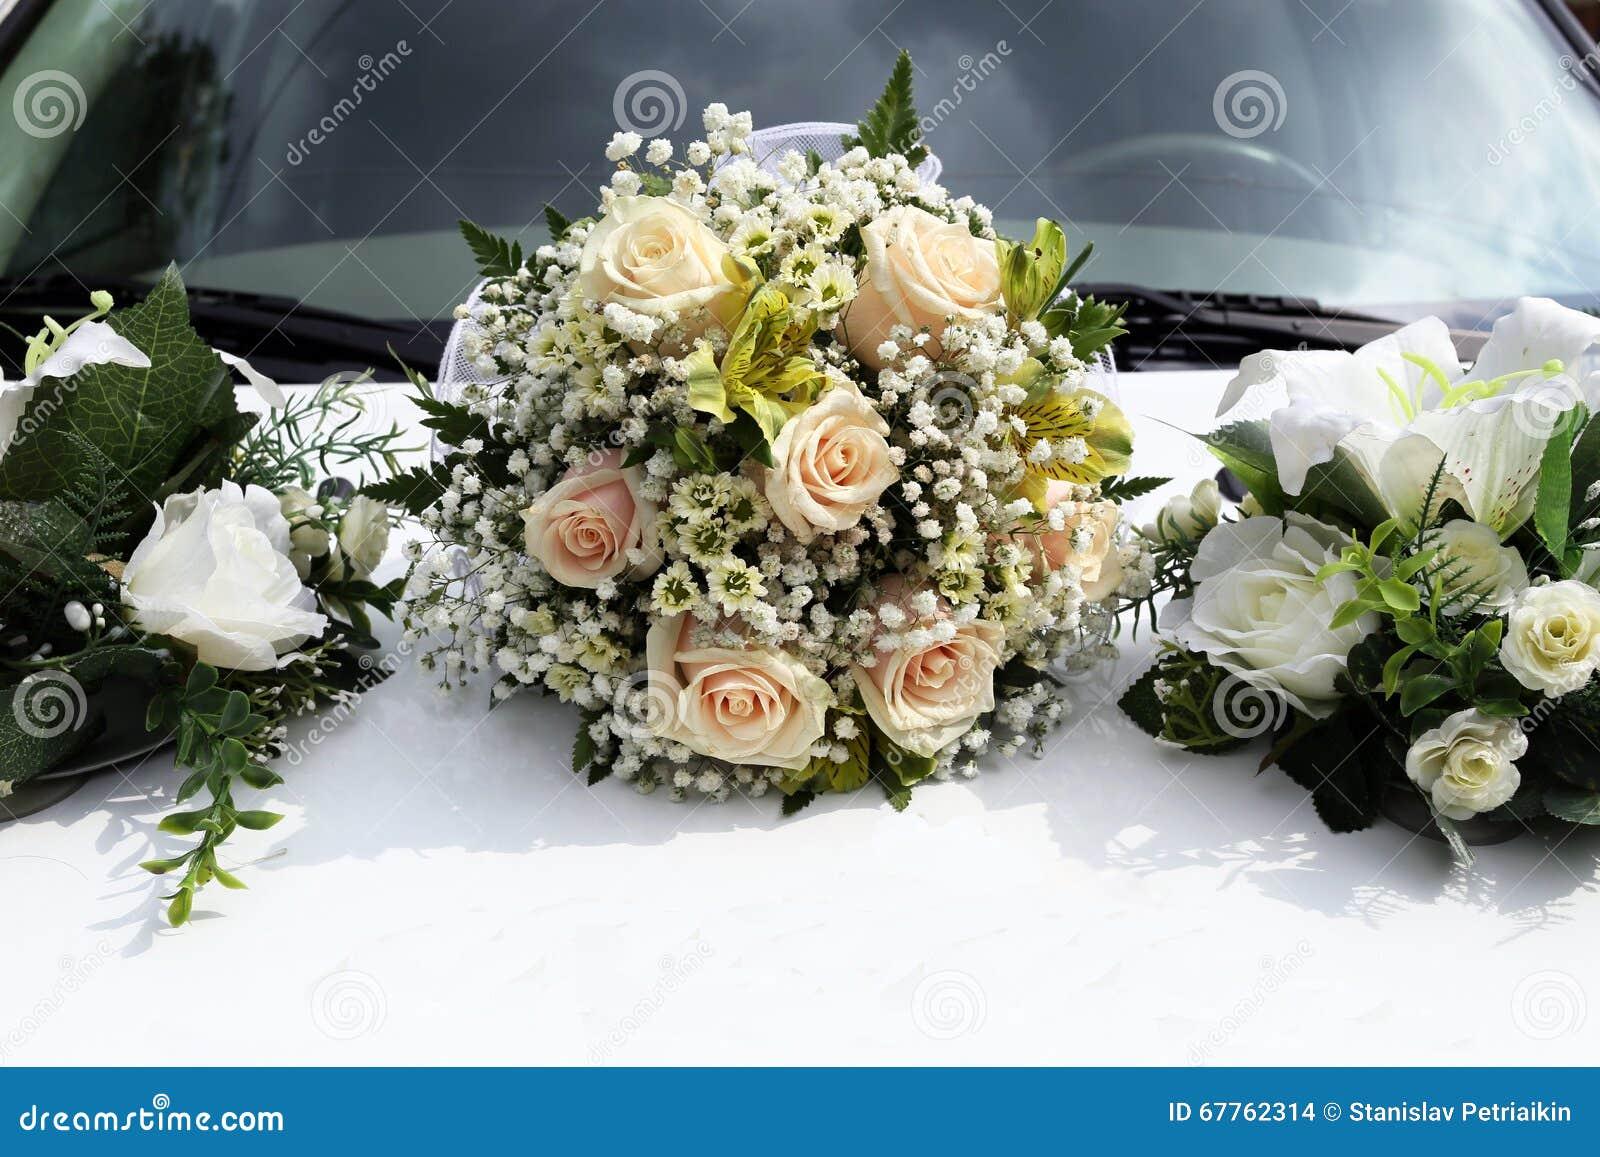 Le bouquet de mariage se trouve sur le capot de la voiture - Prix decoration voiture mariage fleuriste ...